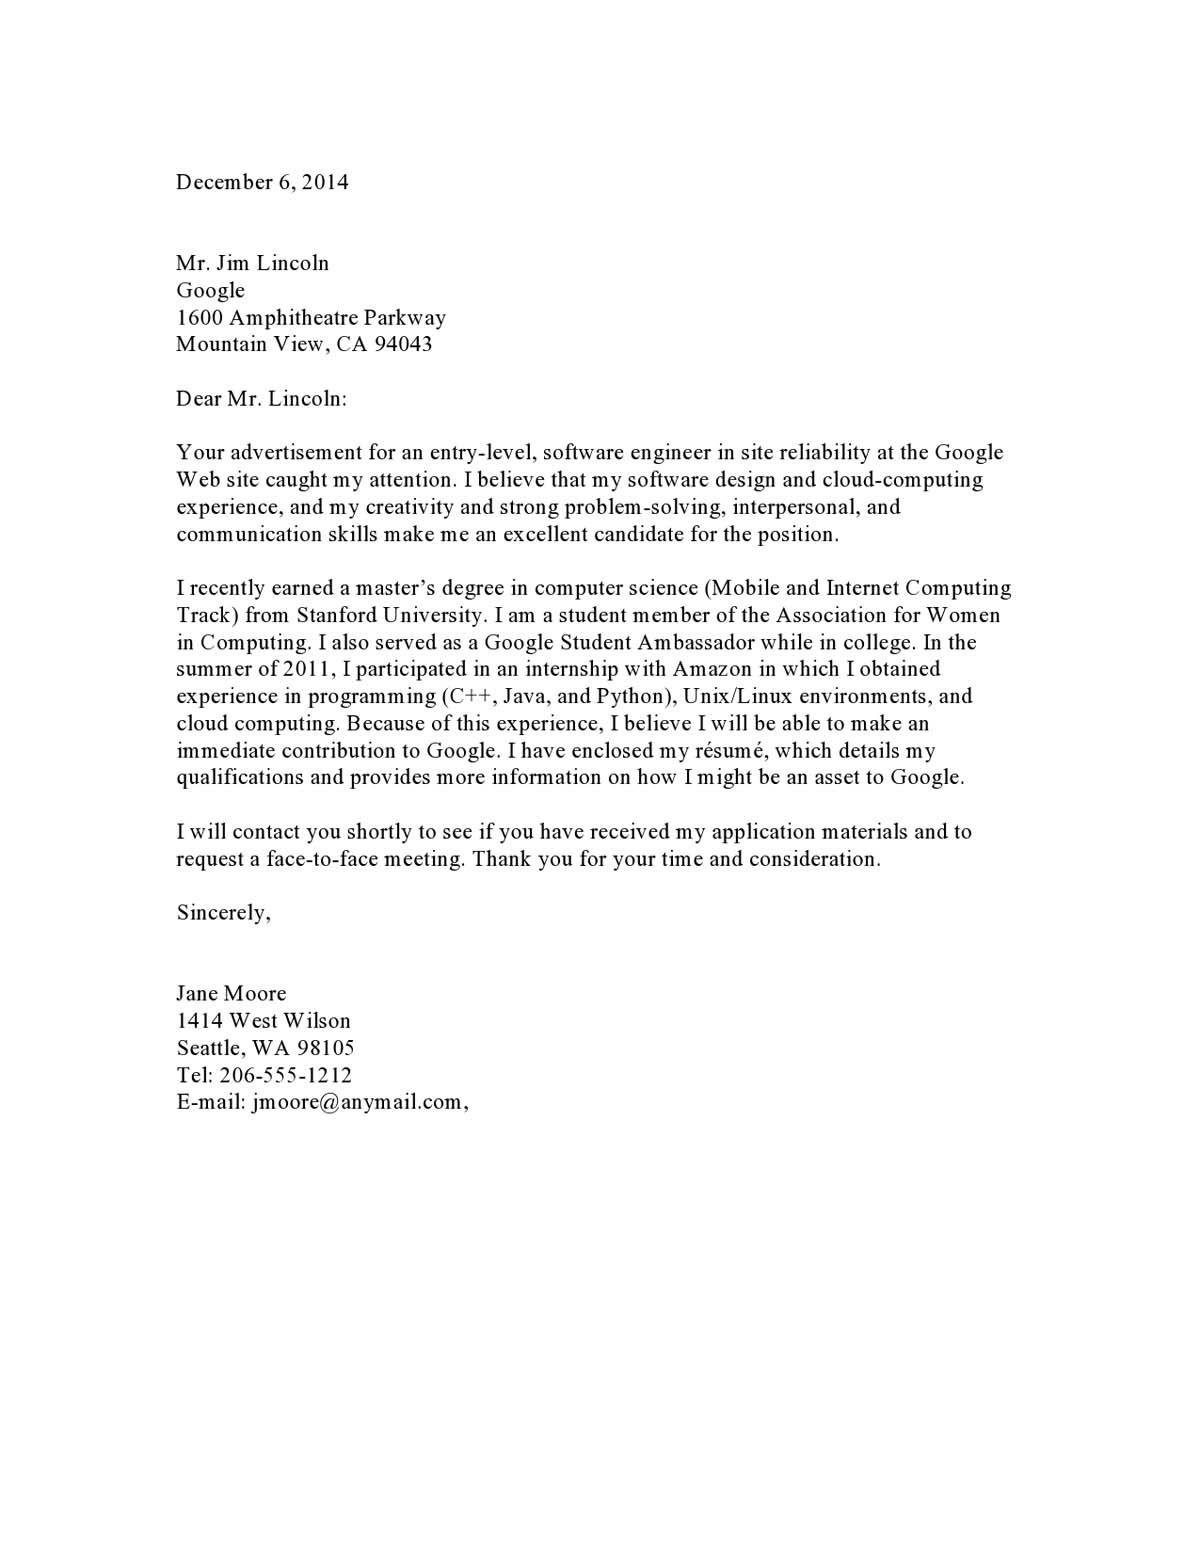 004 Rare Cover Letter Writing Sample Design  Example For Content Job ResumeFull